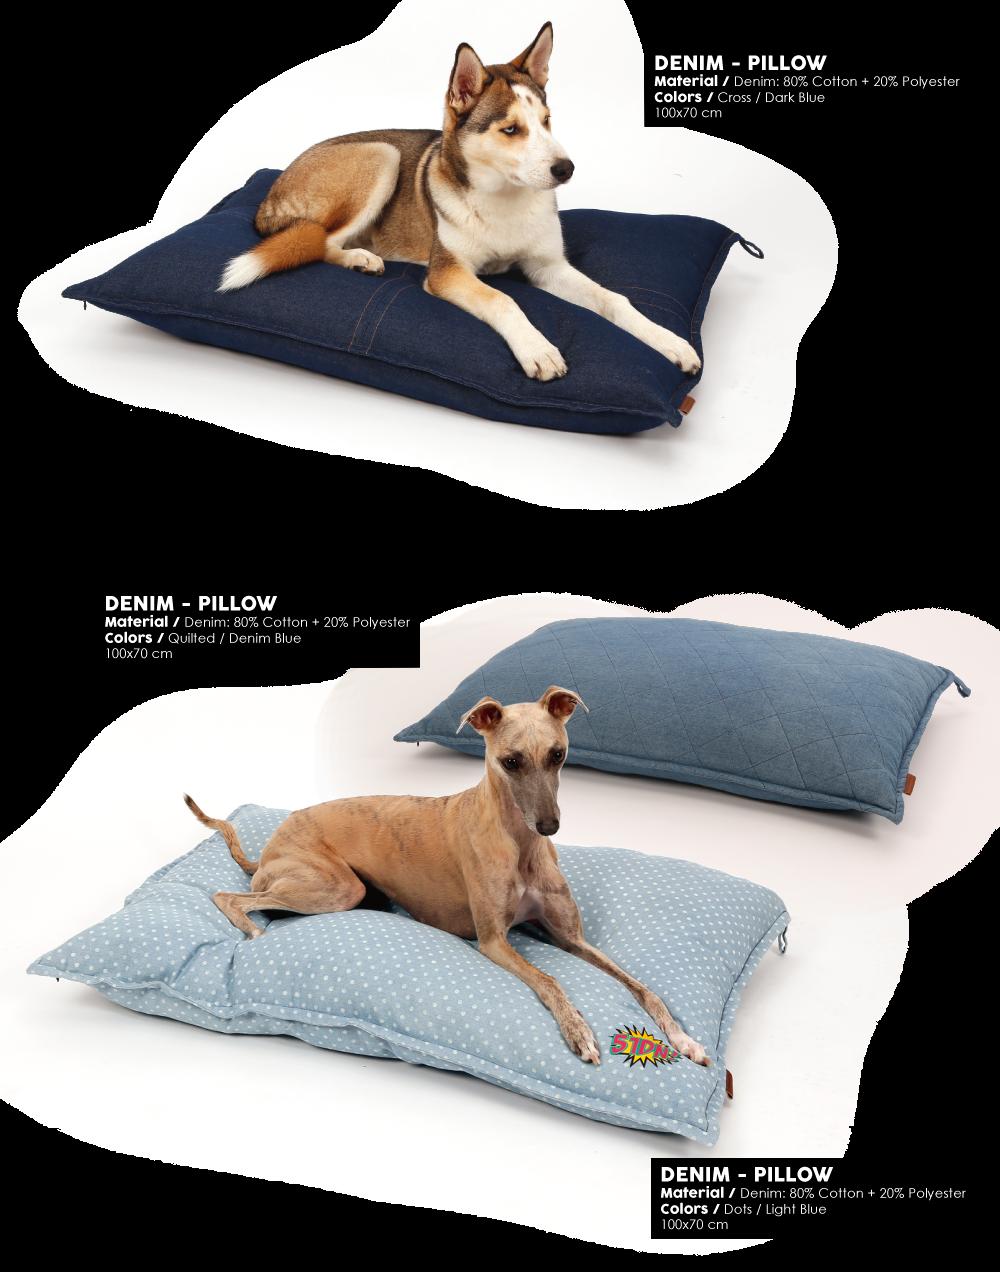 Denim-Pillow